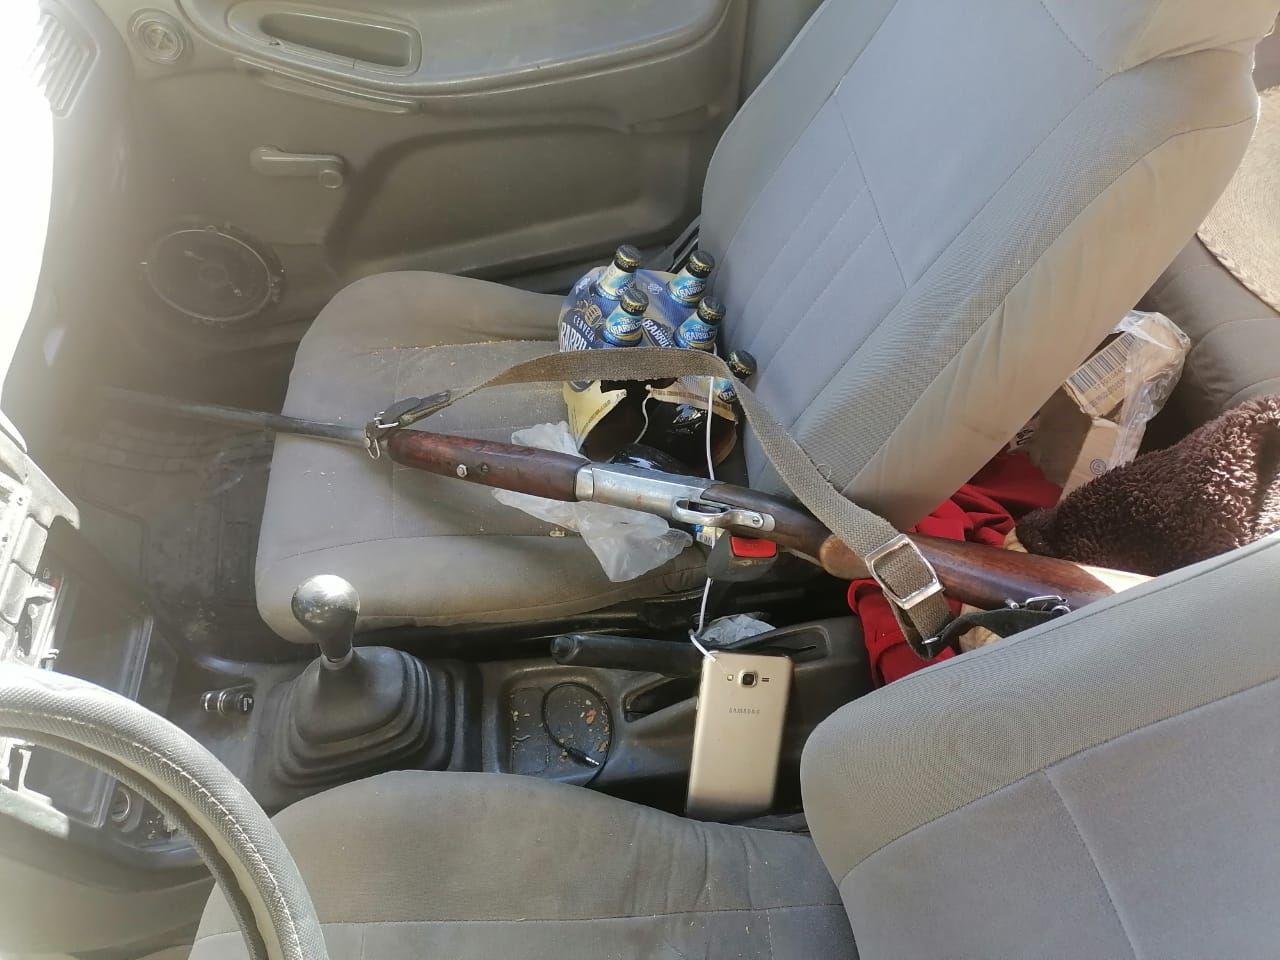 Tras hacer disparos al aire sujeto abandona su vehículo y un arma en Queccholac